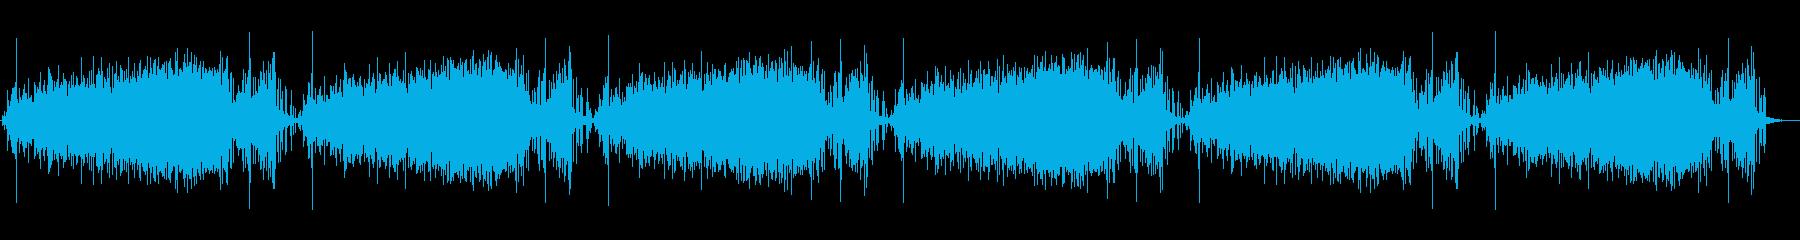 素材 レインスティックシーケンス01の再生済みの波形